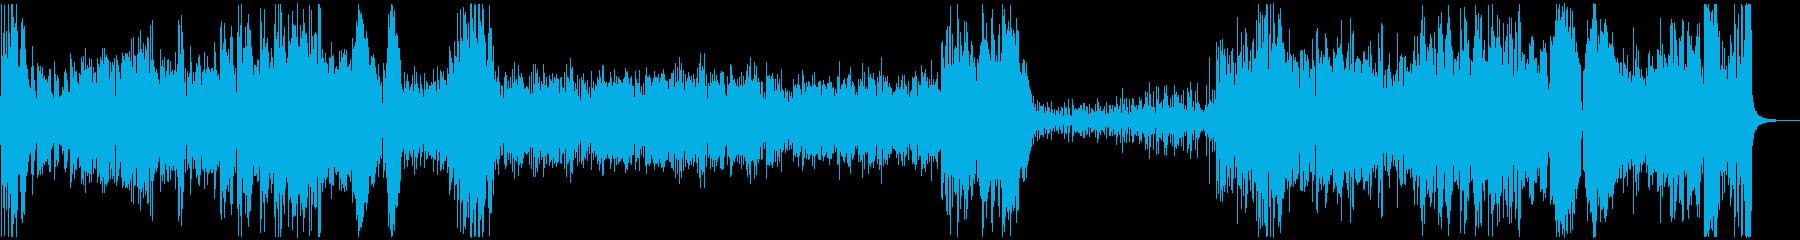 さくらさくらのビッグバンドジャズの再生済みの波形